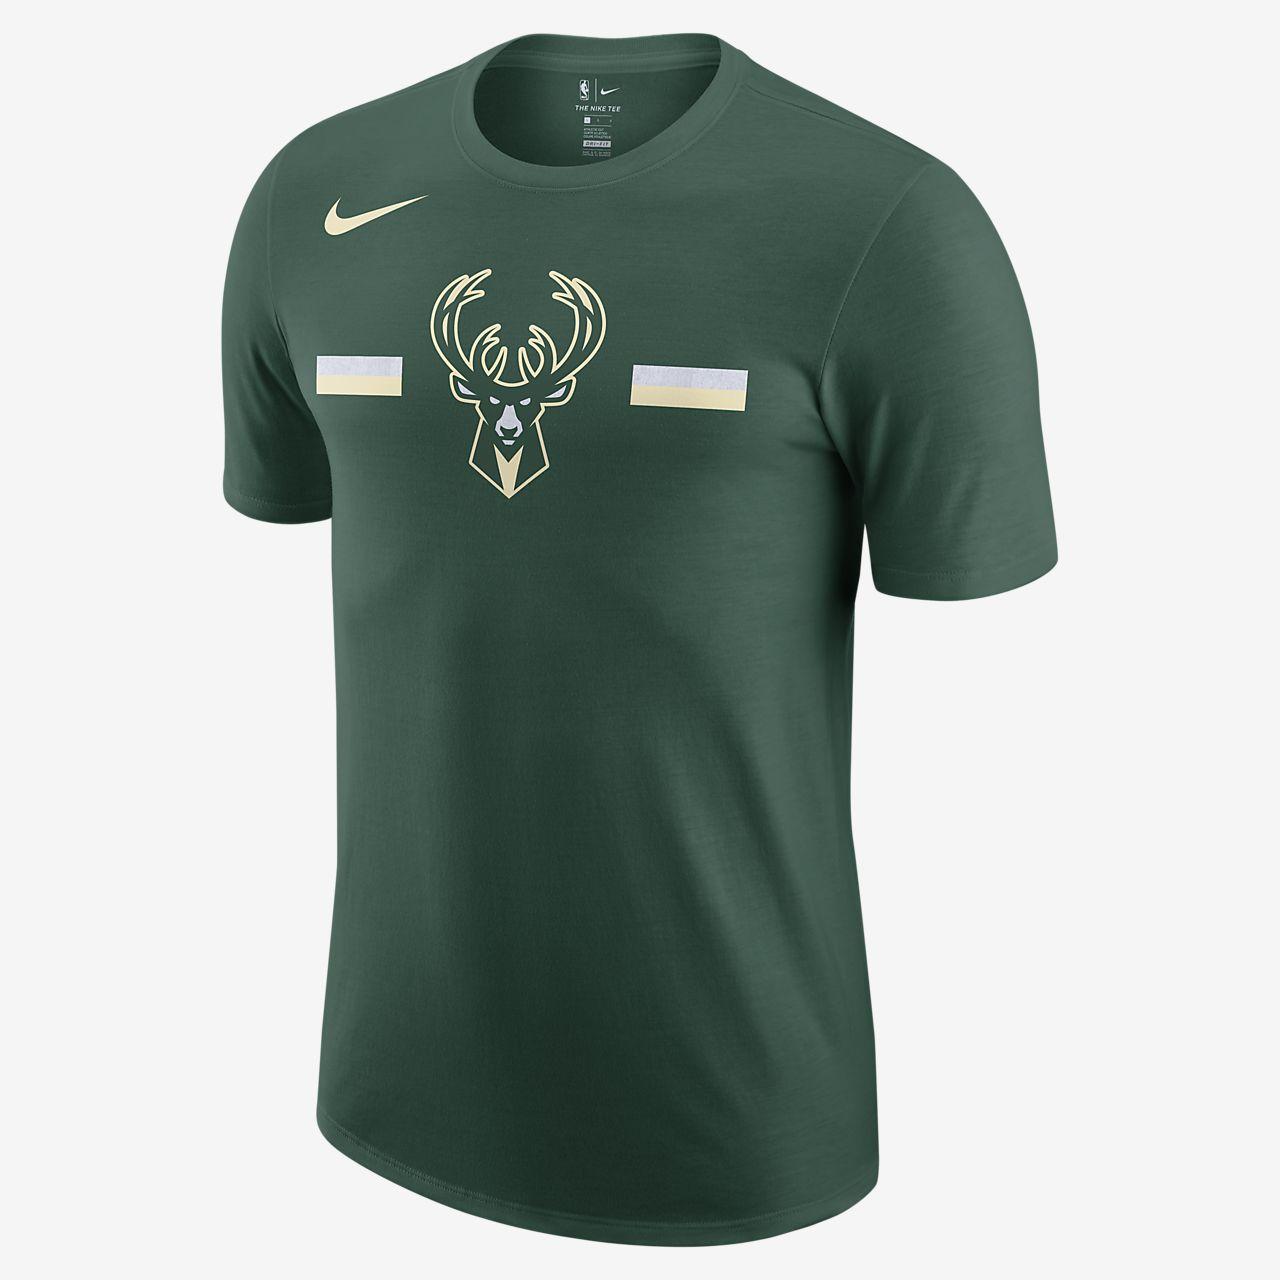 sports shoes 203b1 d07fb ... Milwaukee Bucks Nike Dri-FIT Logo Big Kids  NBA T-Shirt